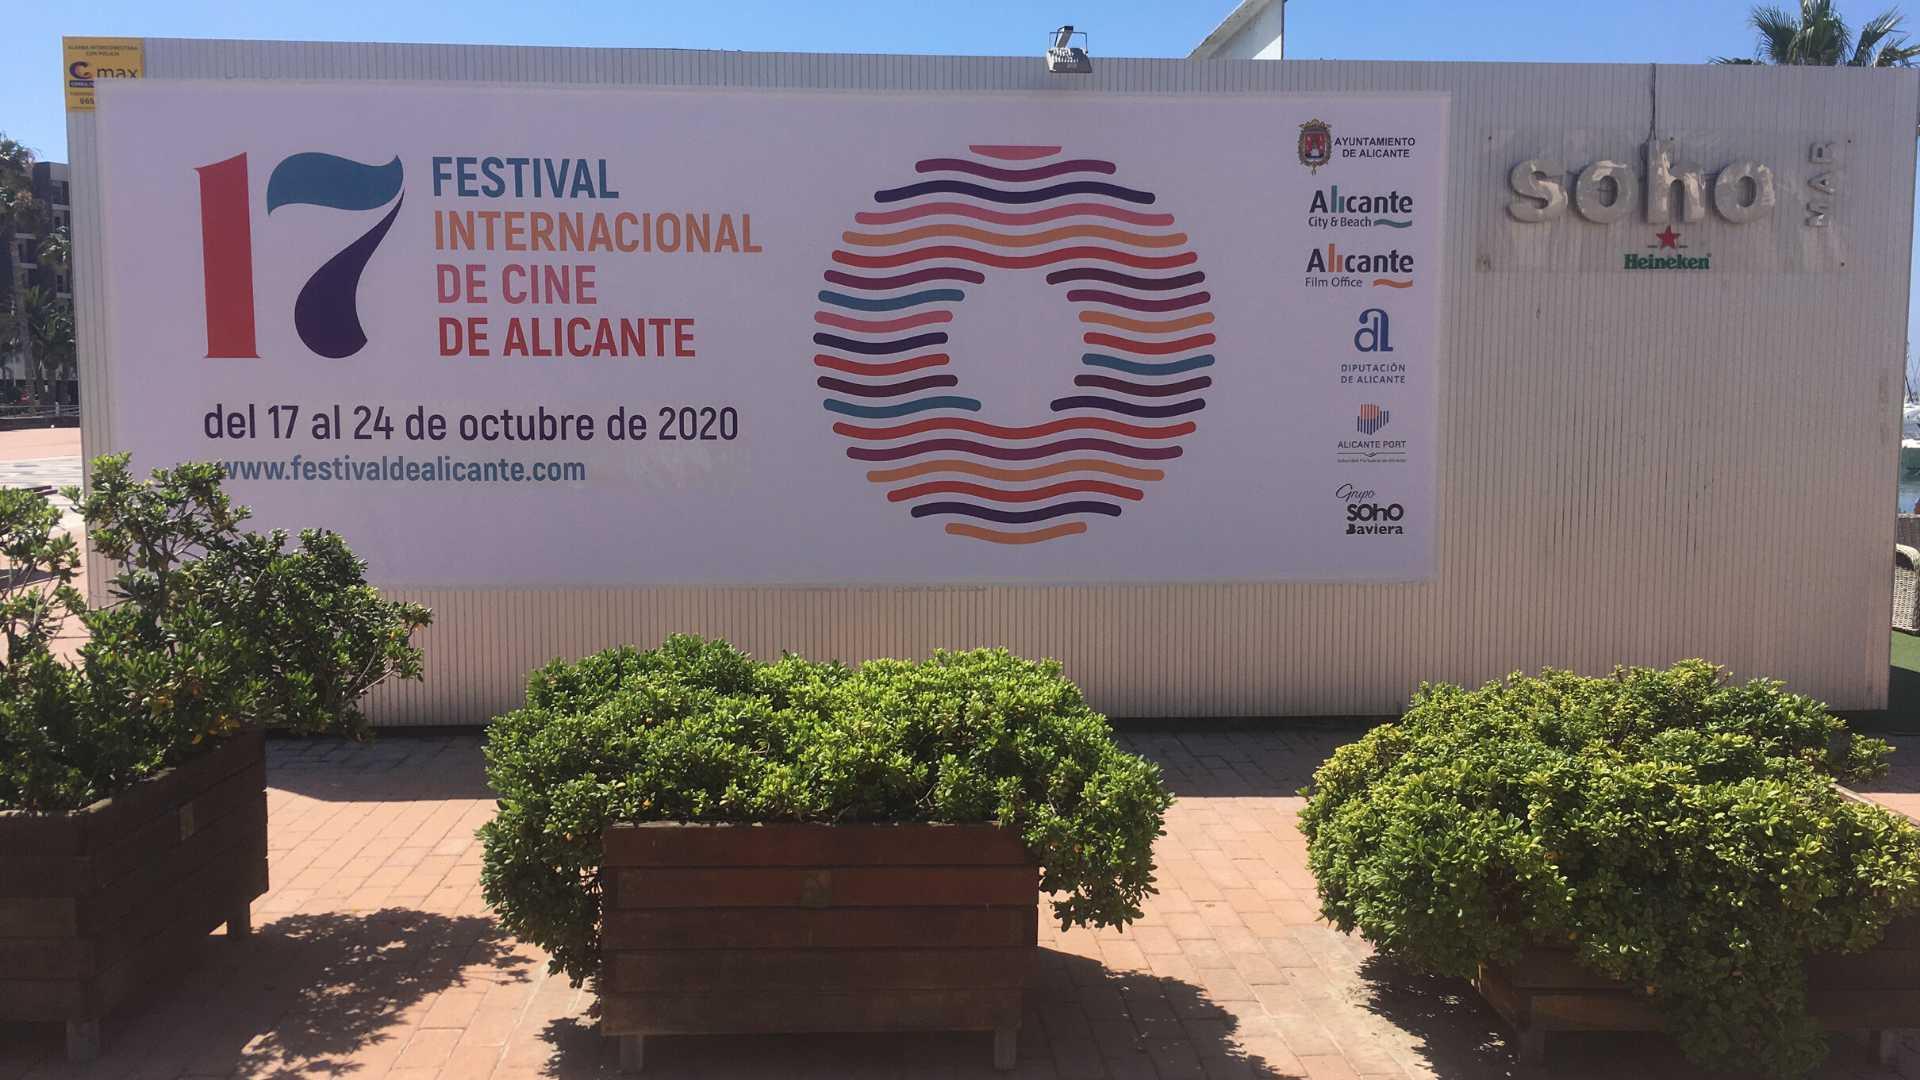 affiche du festival de cine d alicante